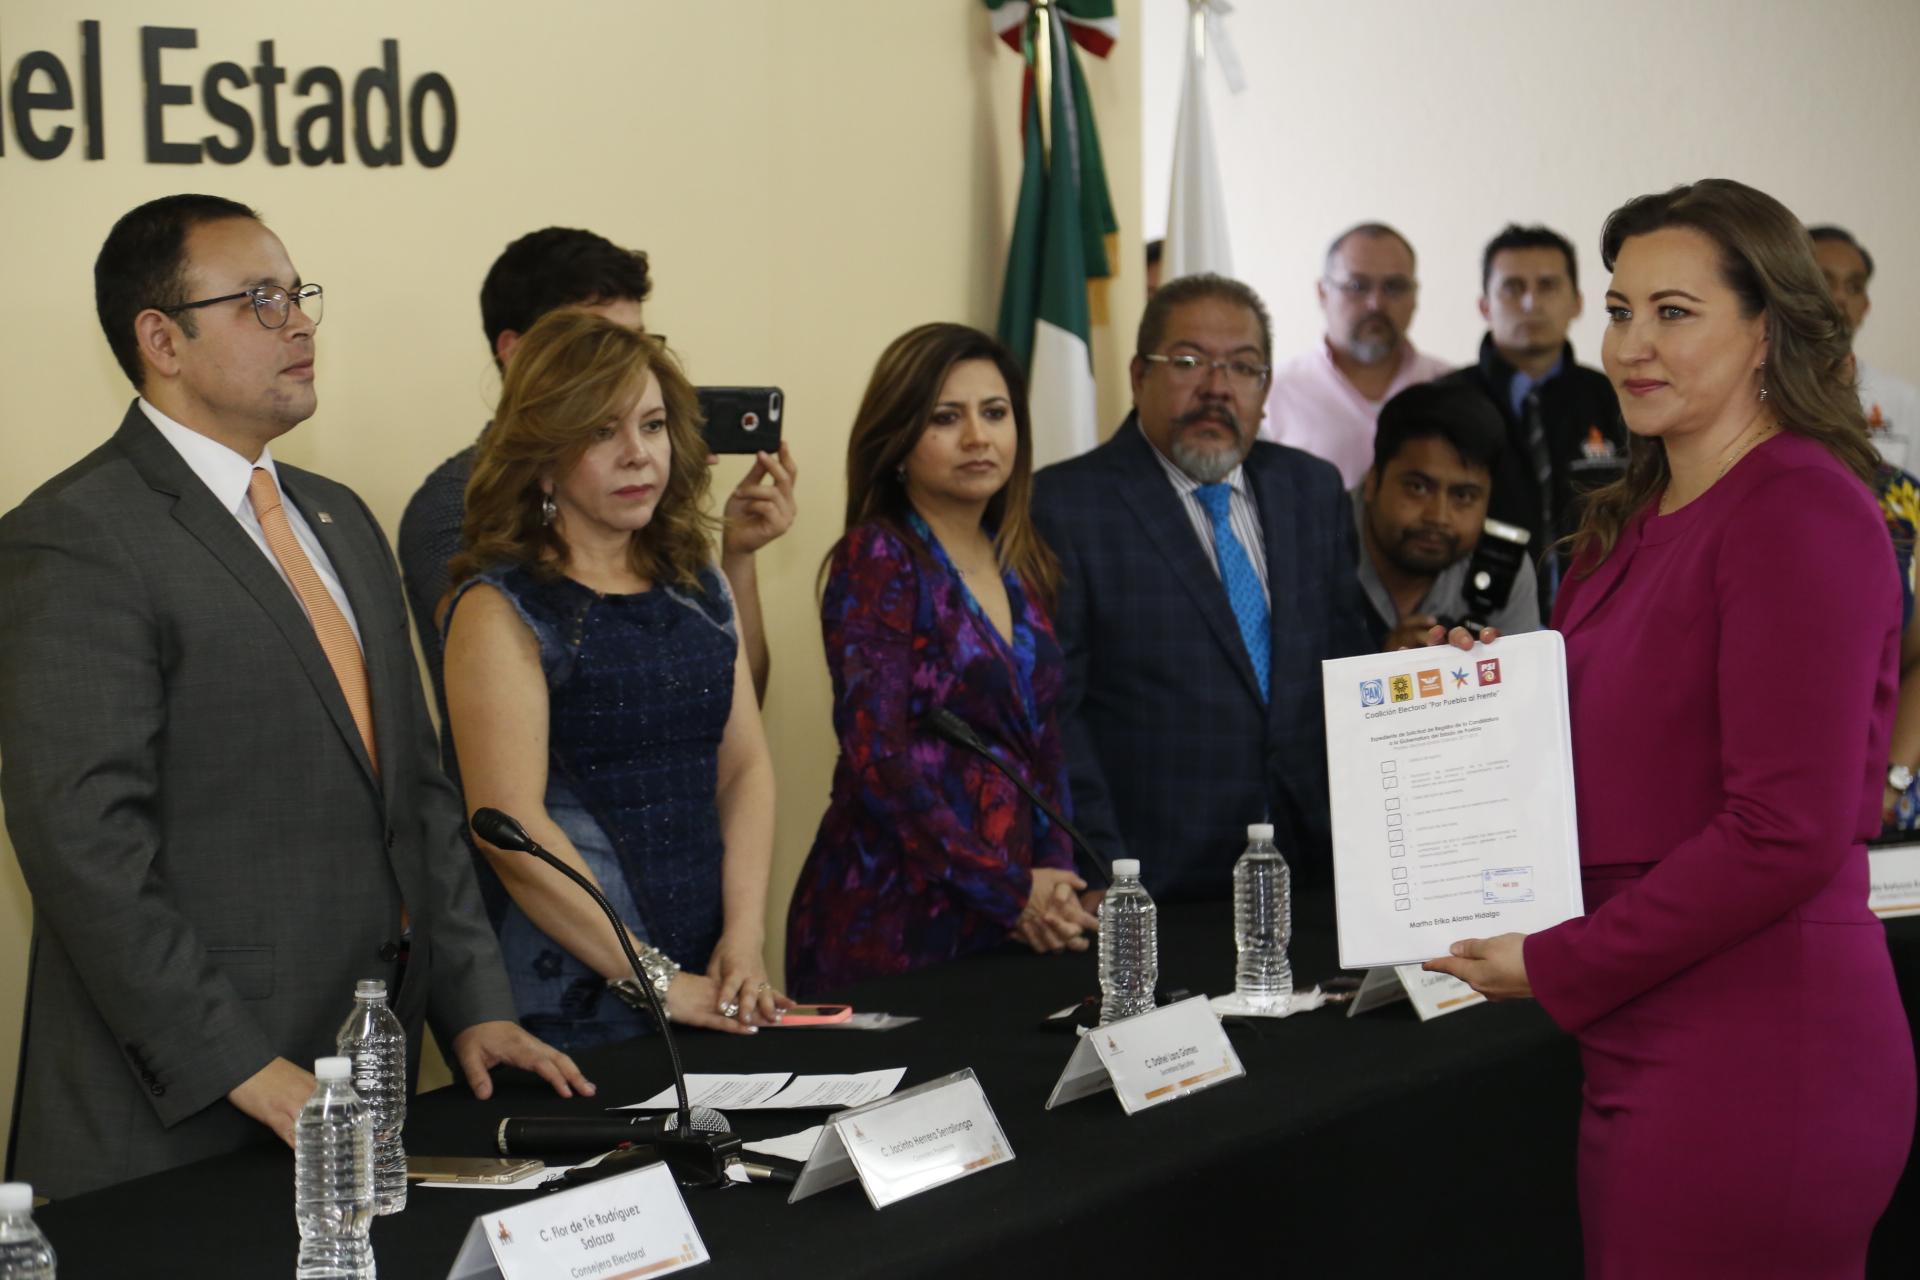 En Puebla, las boletas para elección de gobernador llevarán las fotos de los candidatos